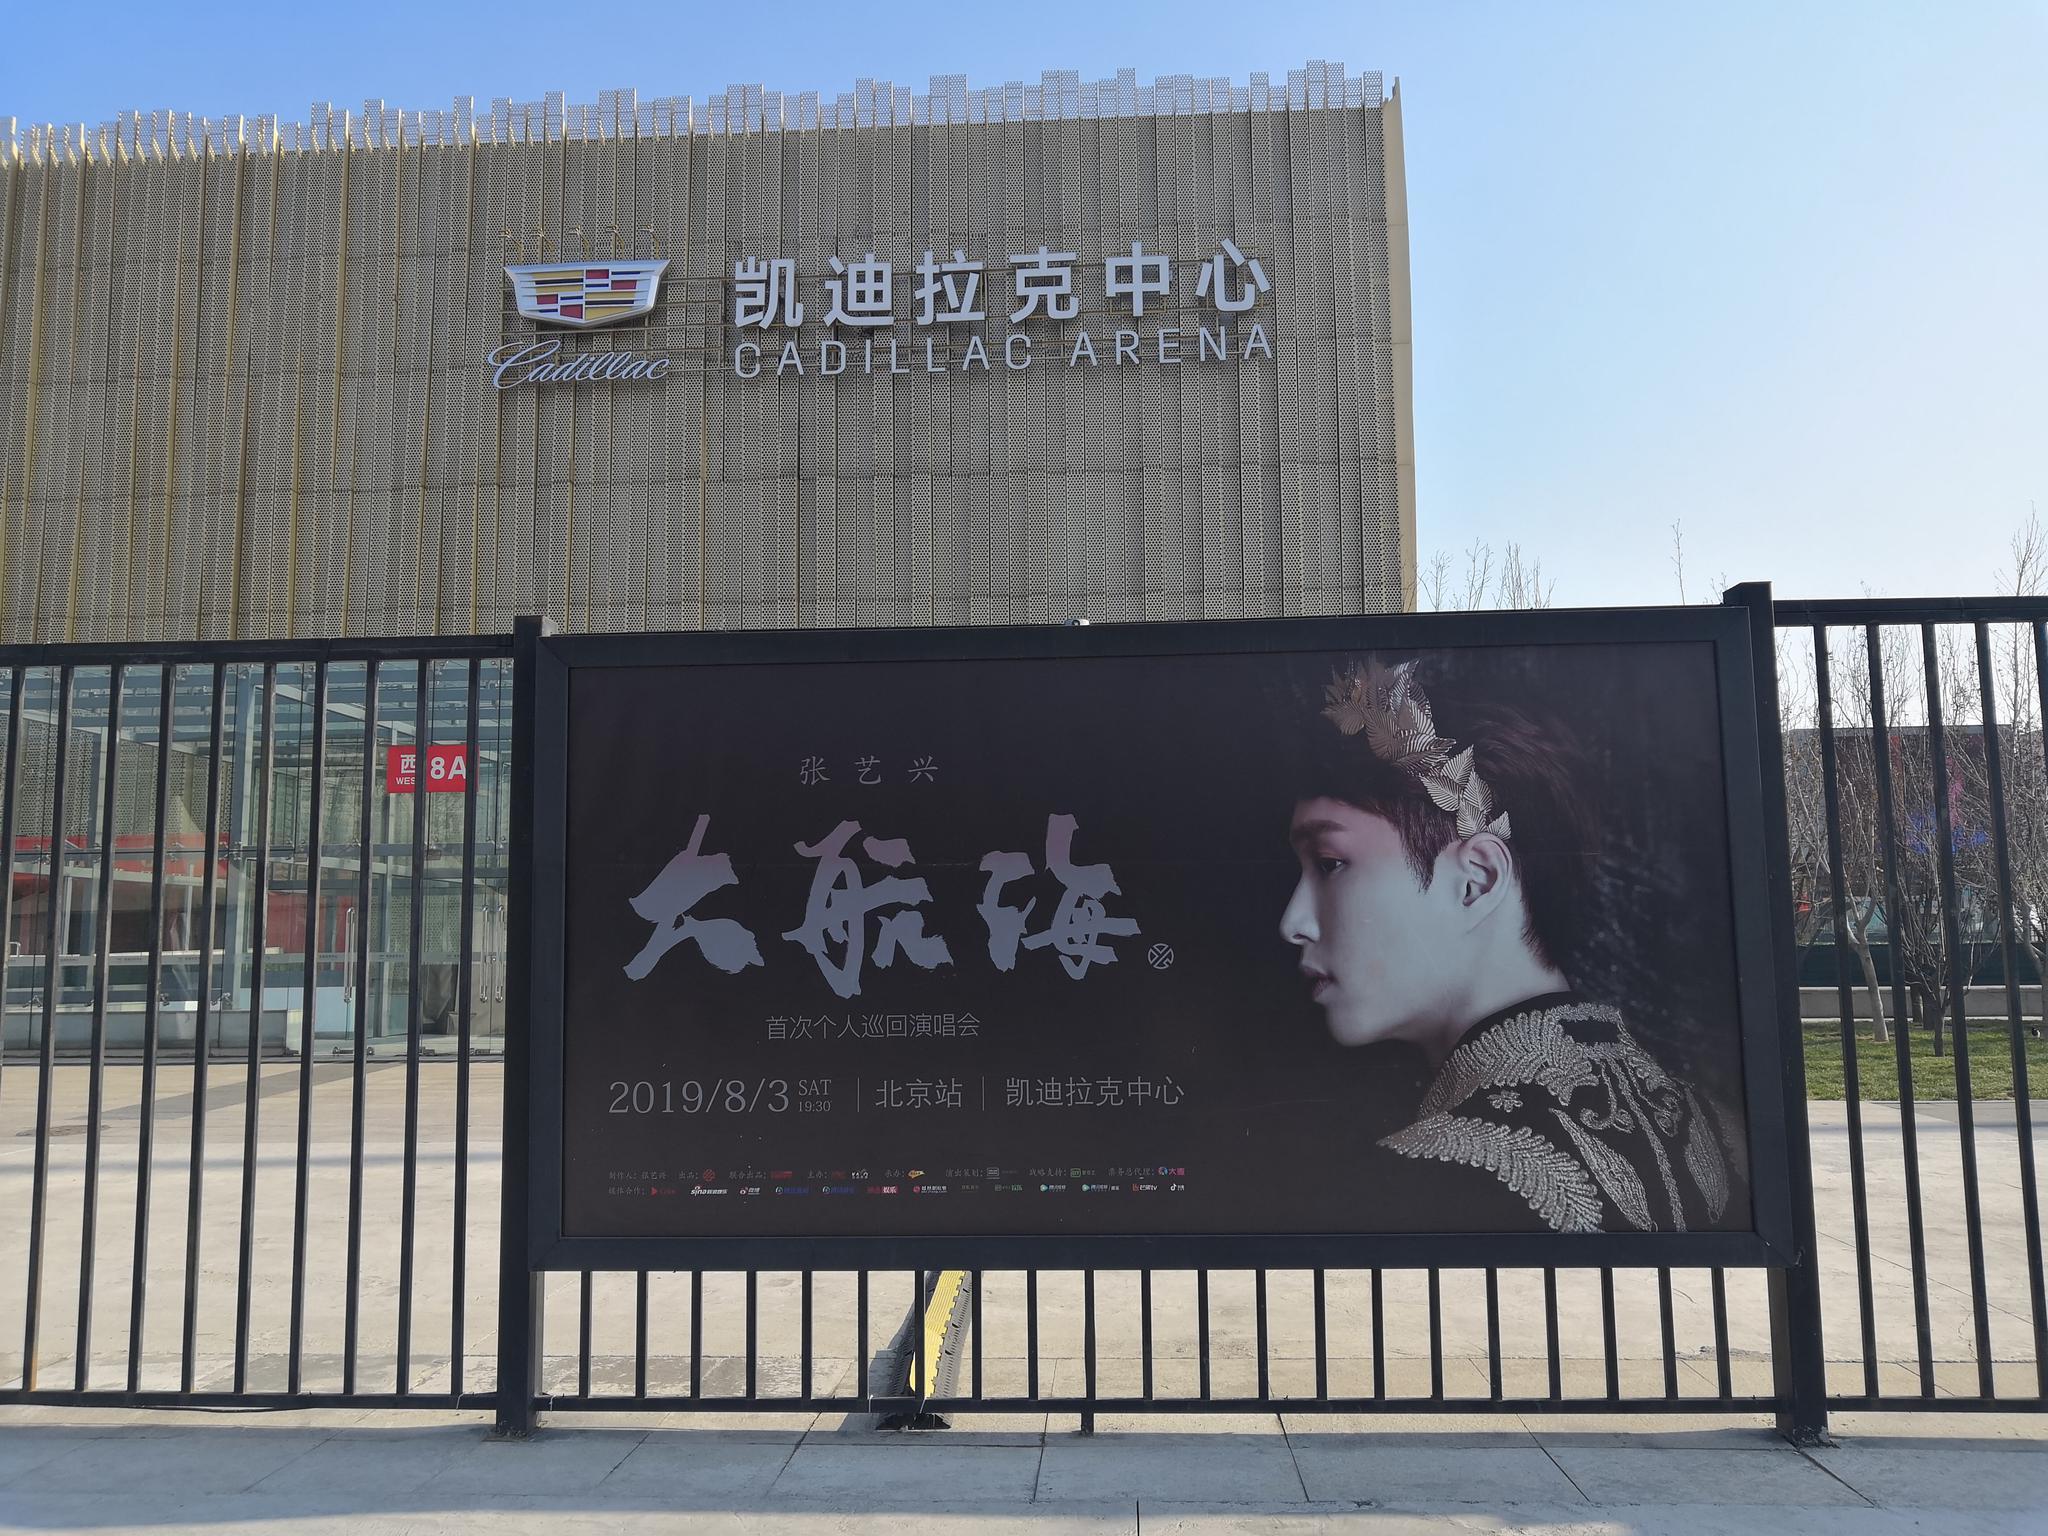 张艺兴爱奇艺尖叫之夜场外应援舞台王者、全能音乐制作人、唱跳能力